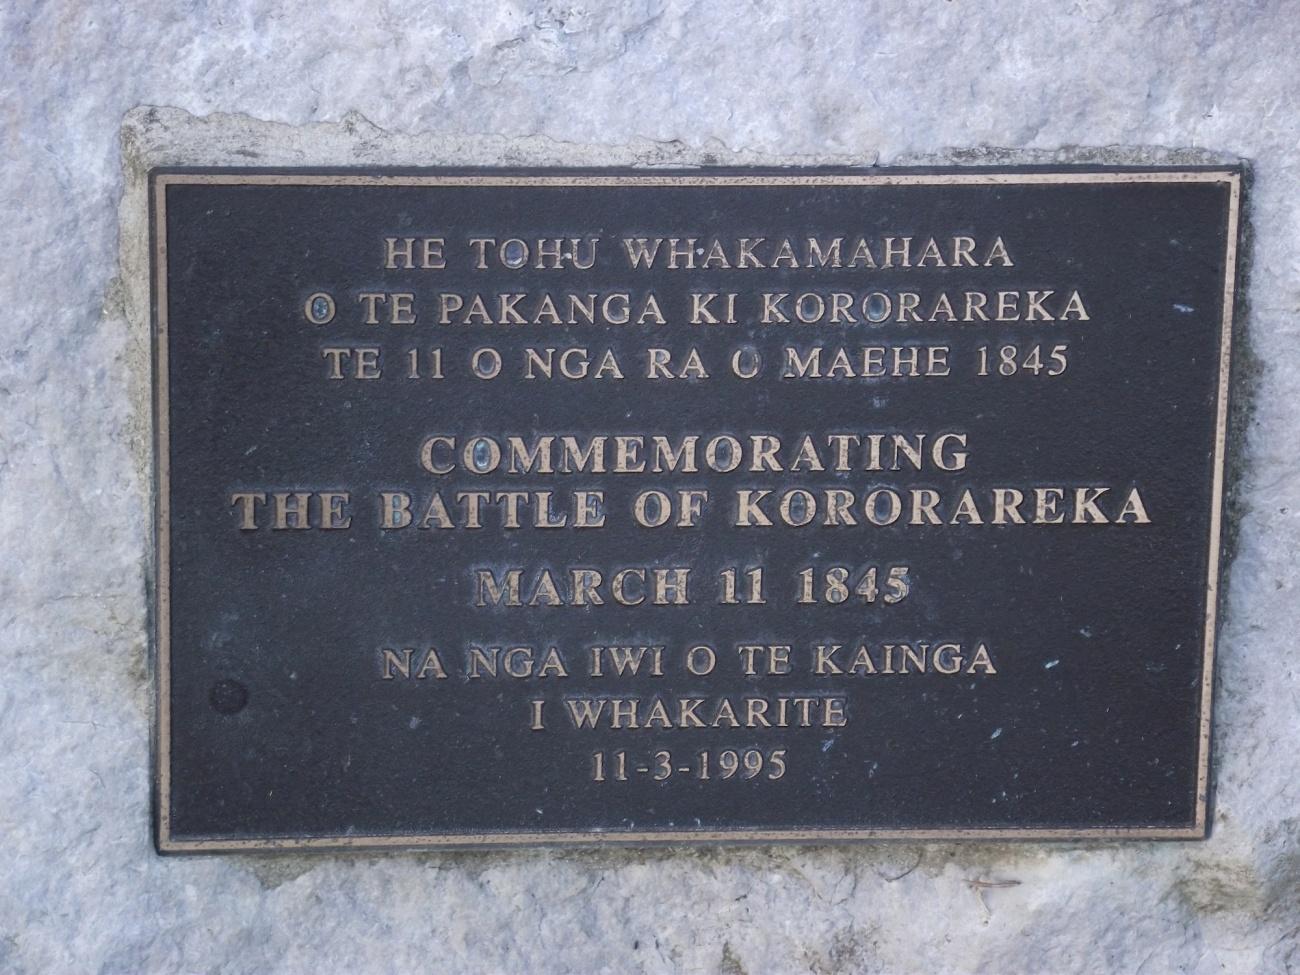 Memorial commemorating the Battle of Kororareka © Lemuel Lyes 2013